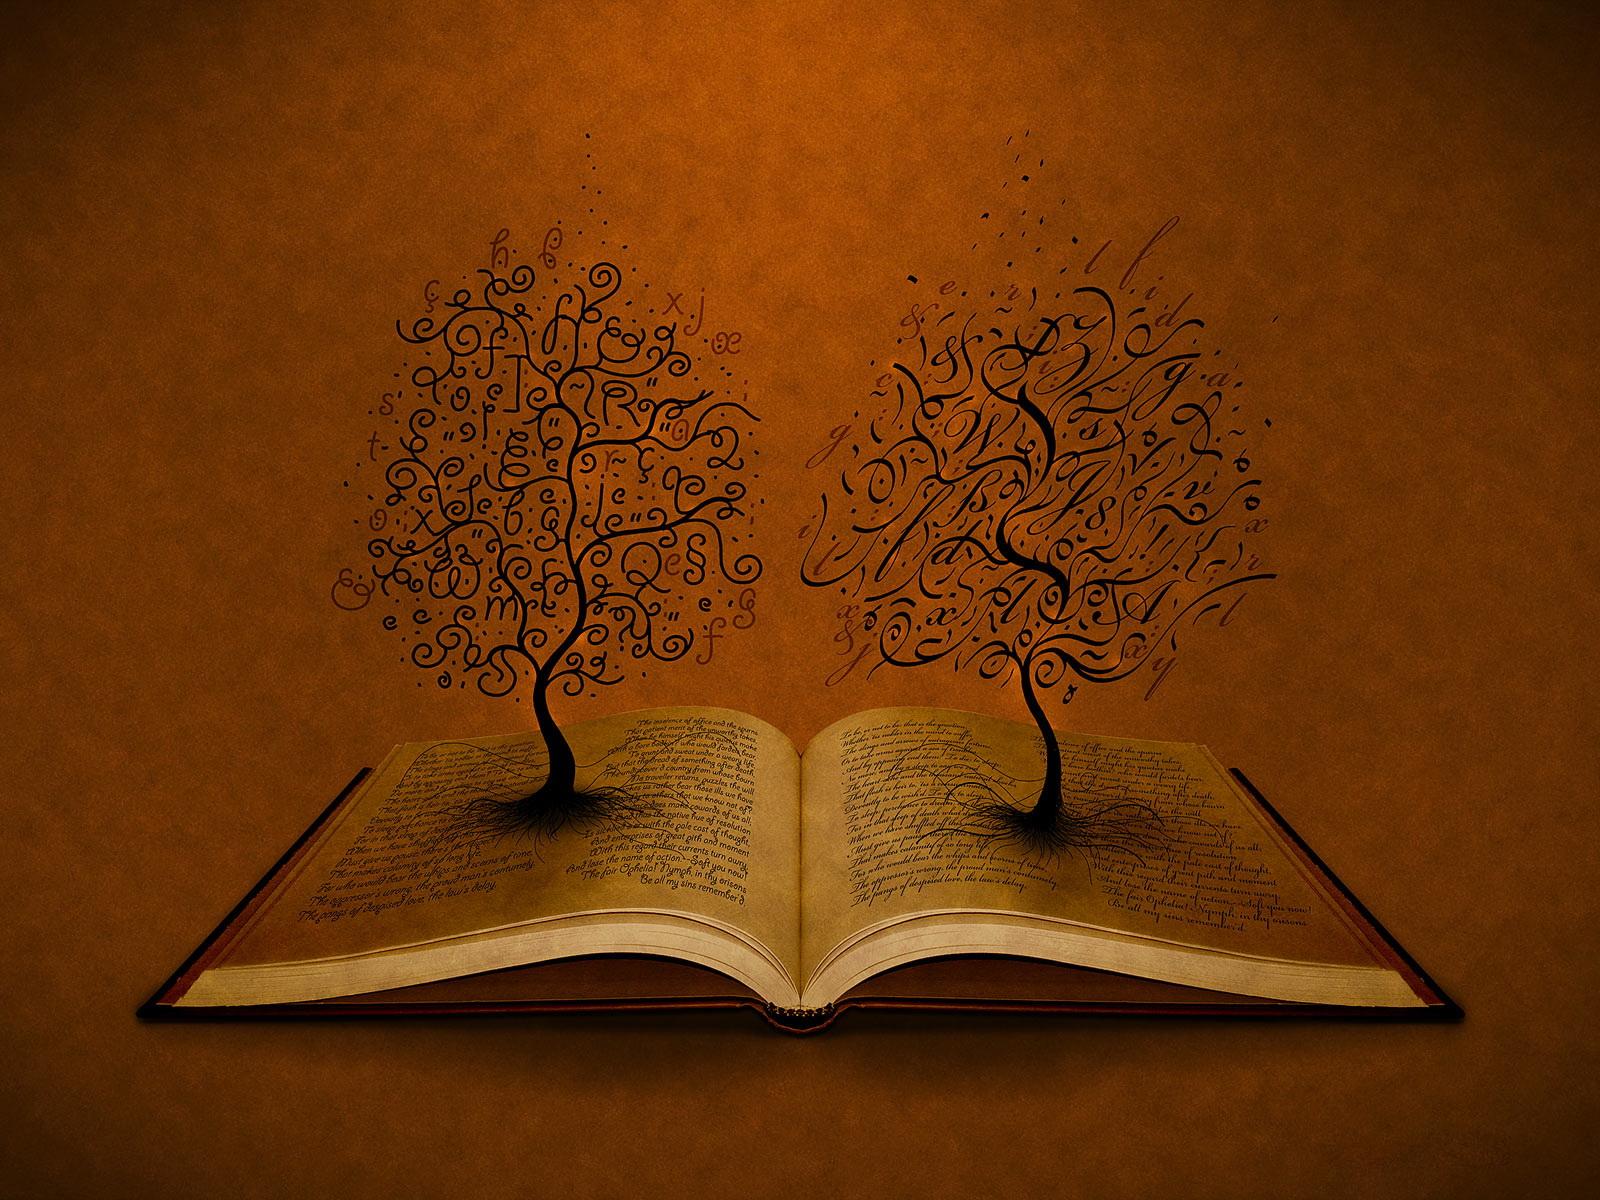 books desktop wallpaper - wallpapersafari